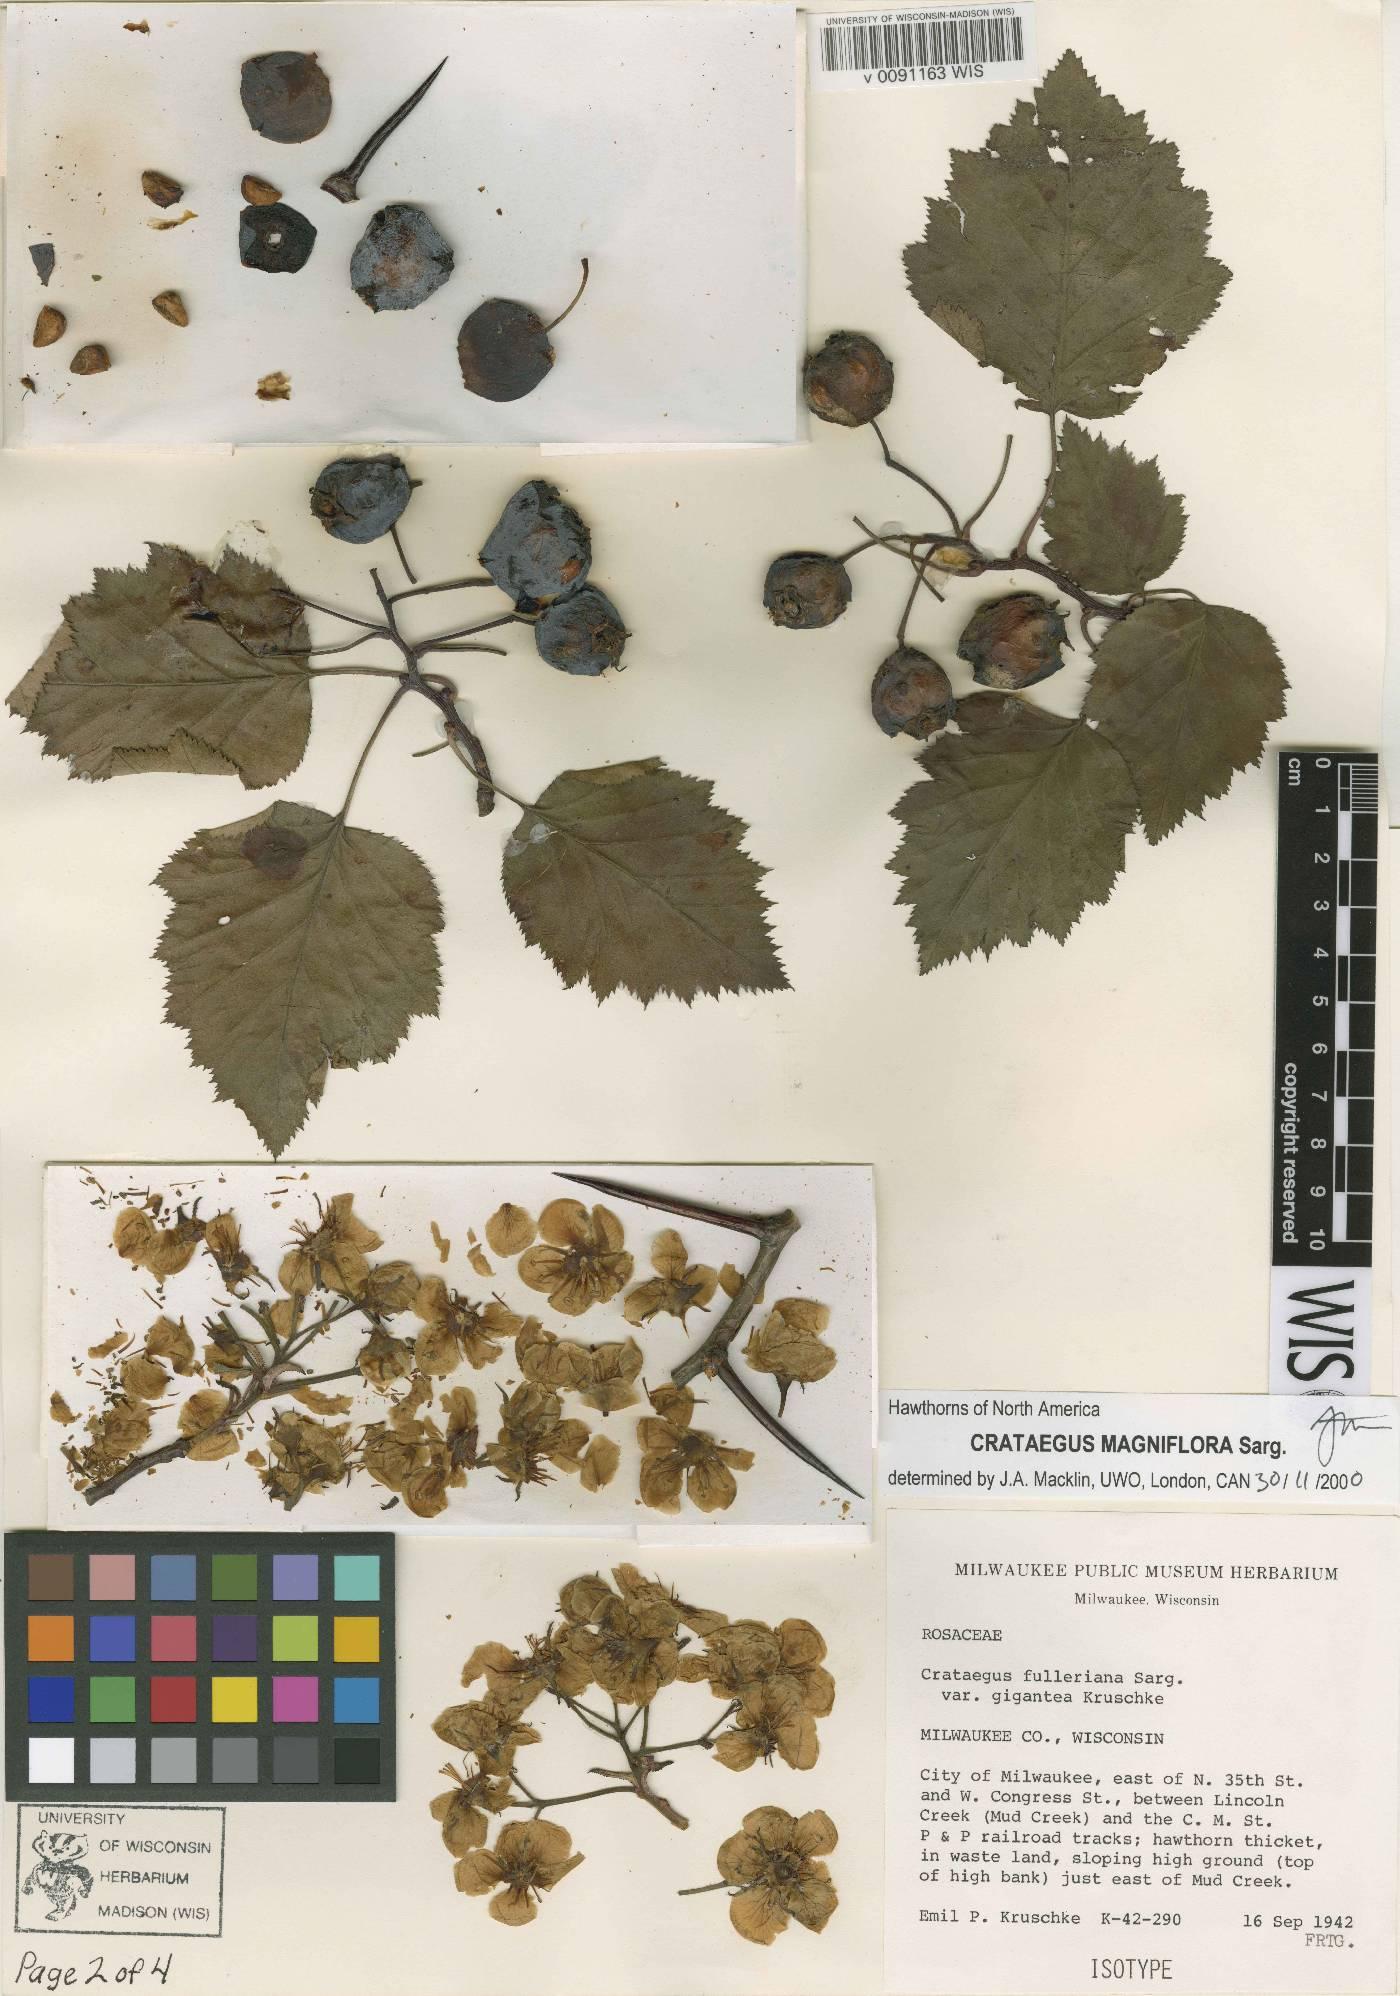 Crataegus magniflora image